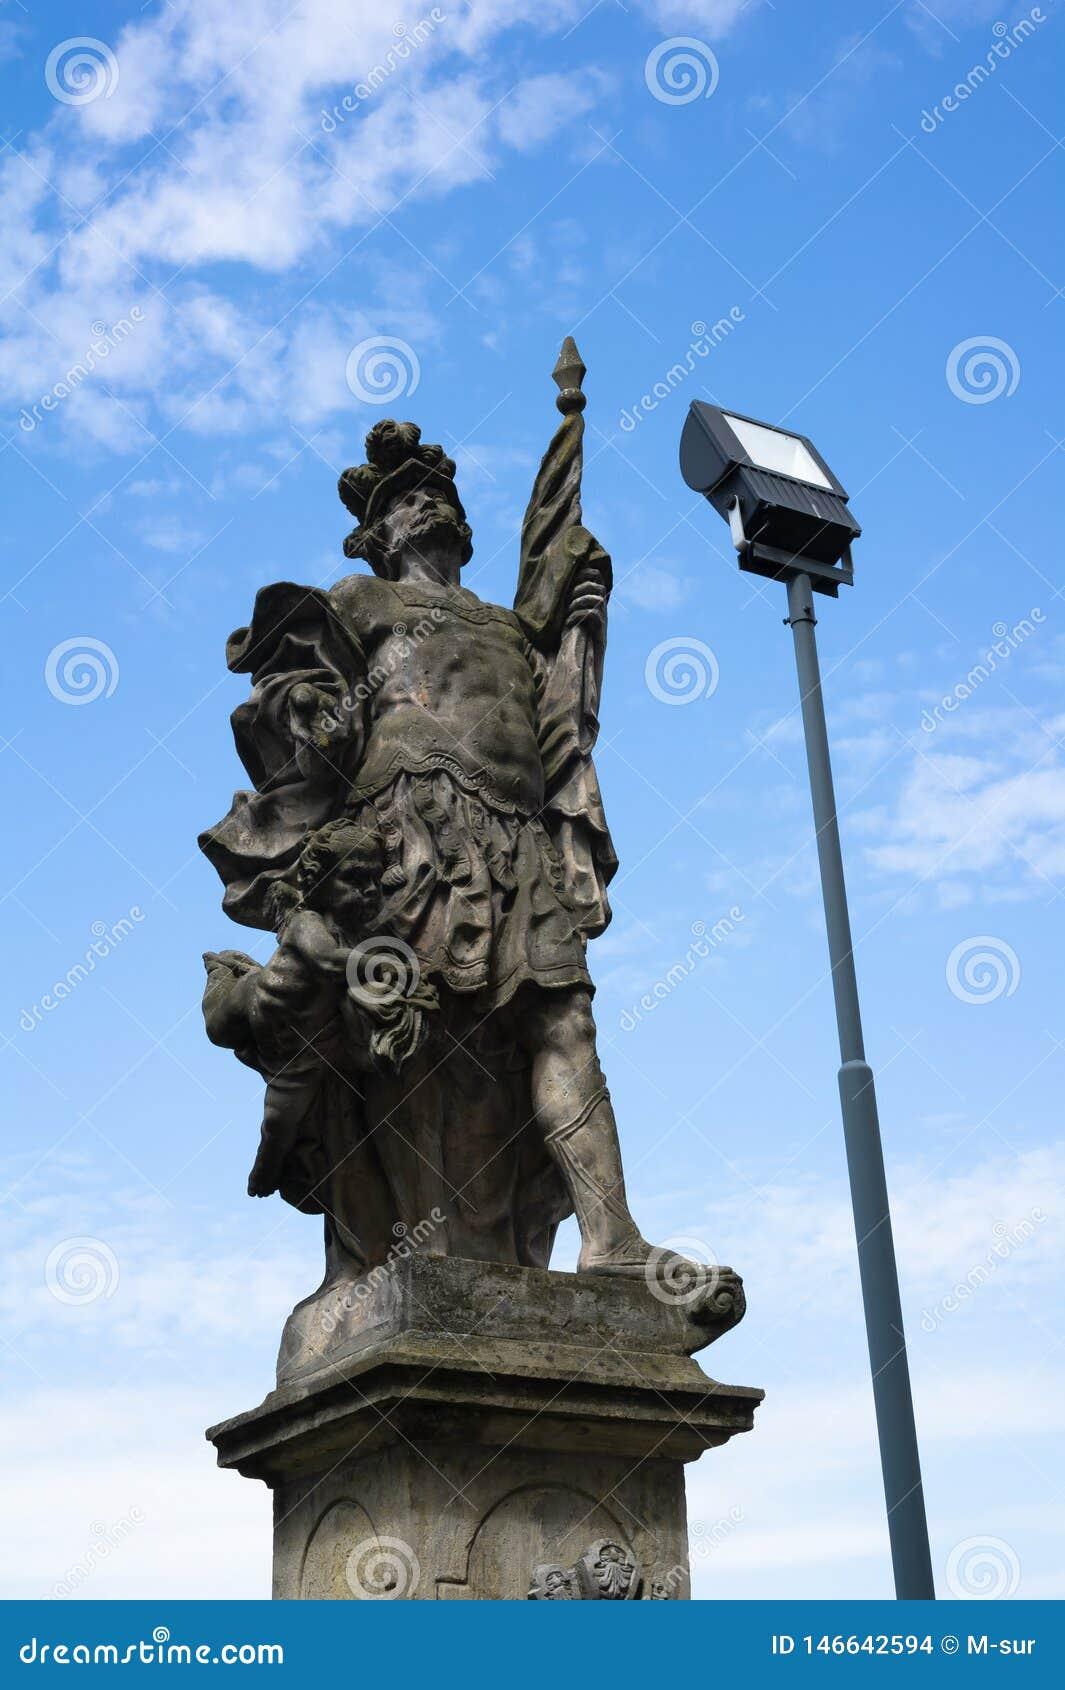 Point de repère baroque historique et foudre moderne